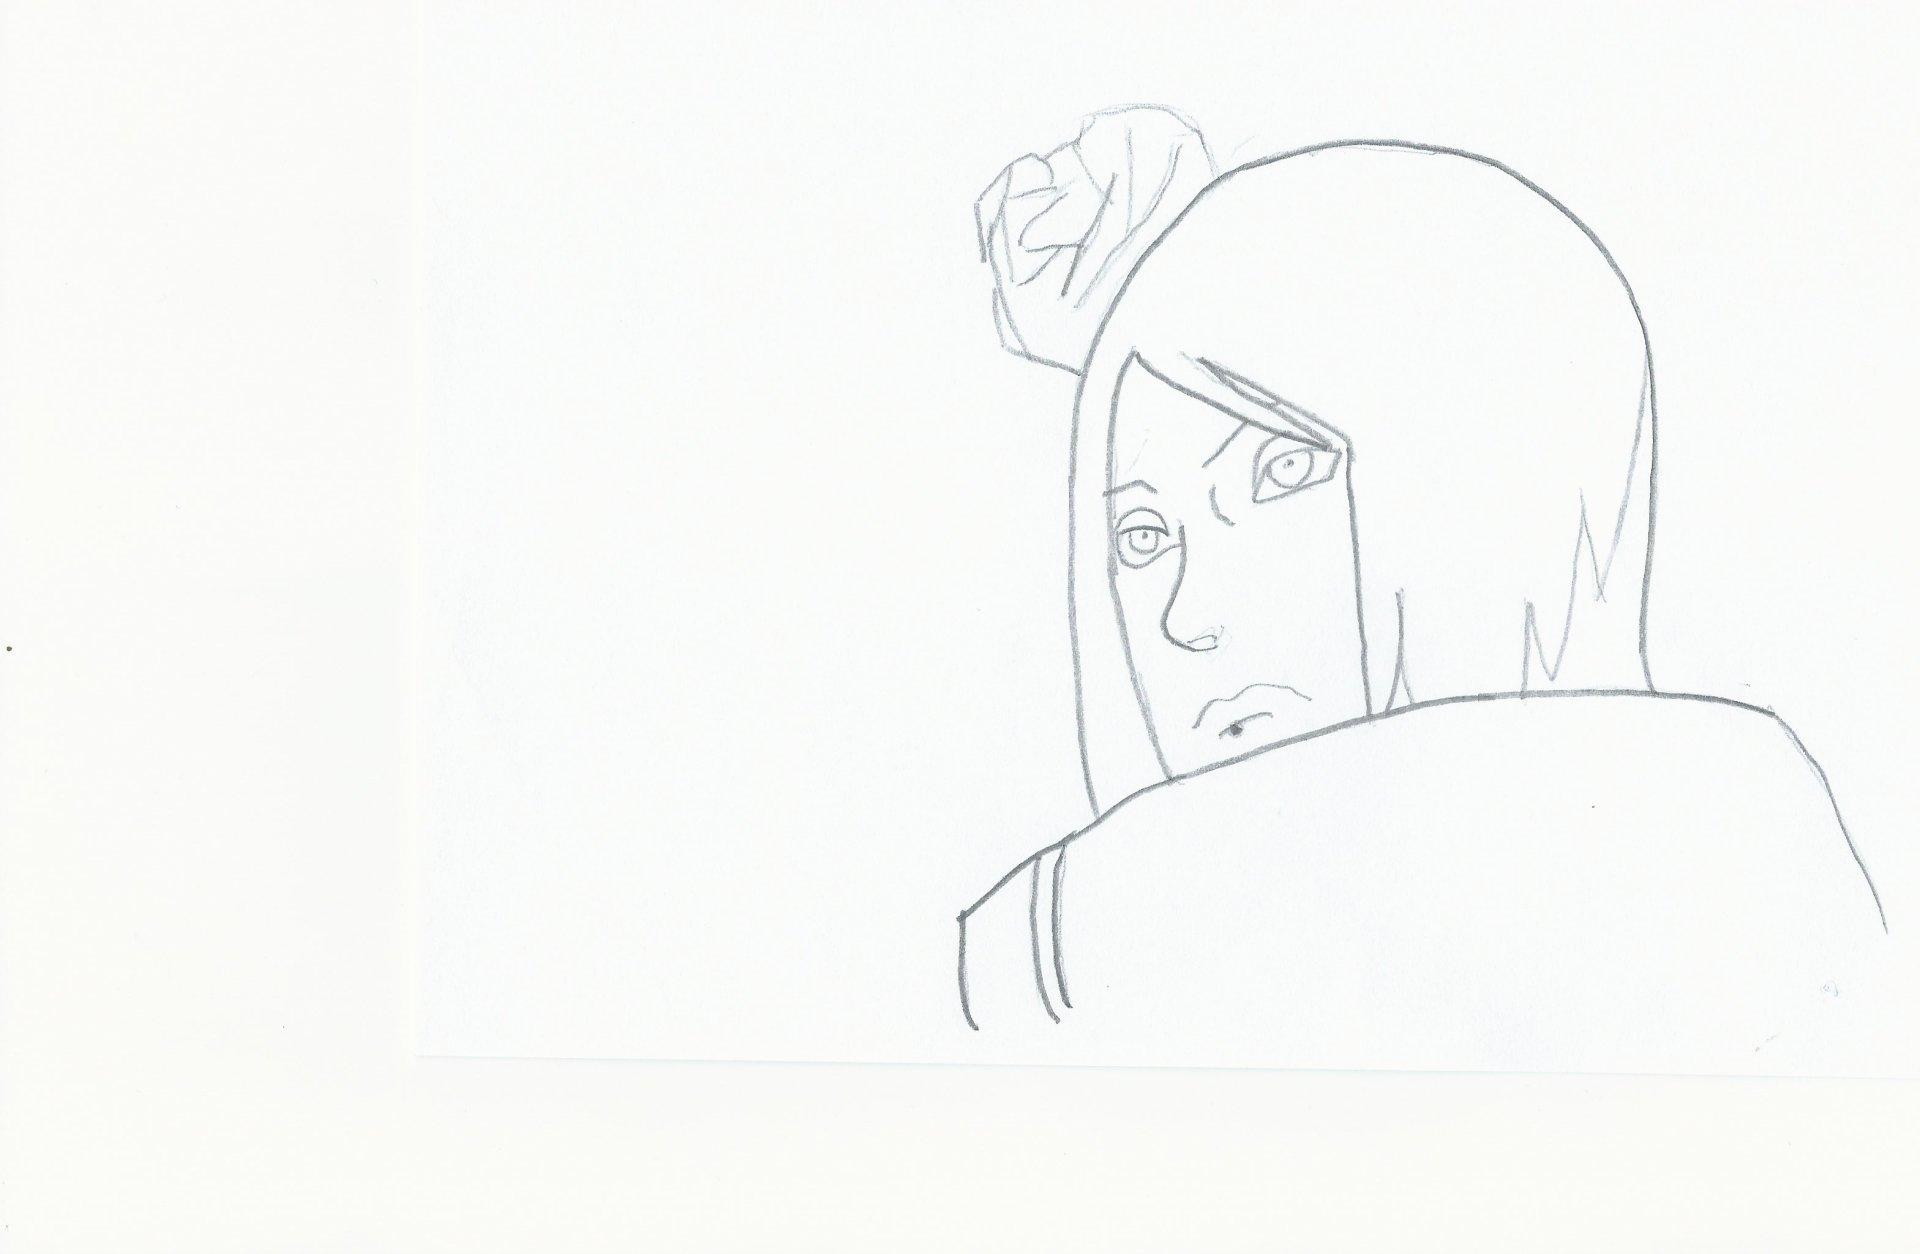 Art ID: 72407